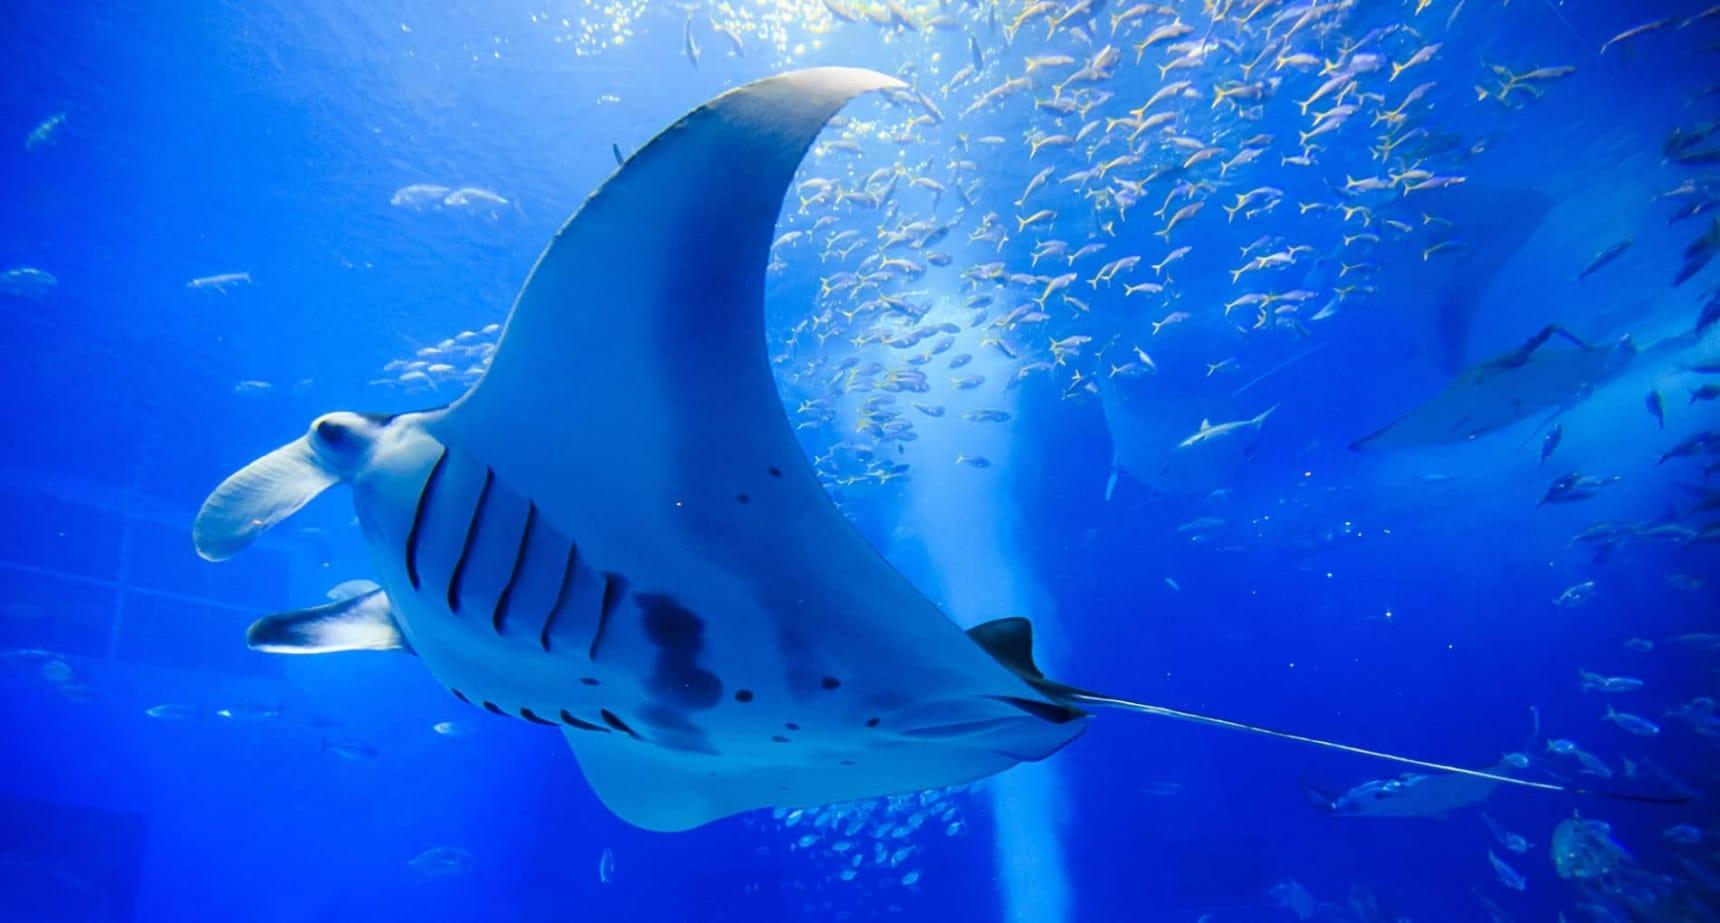 智游人|日本排名前10位的大型水族馆